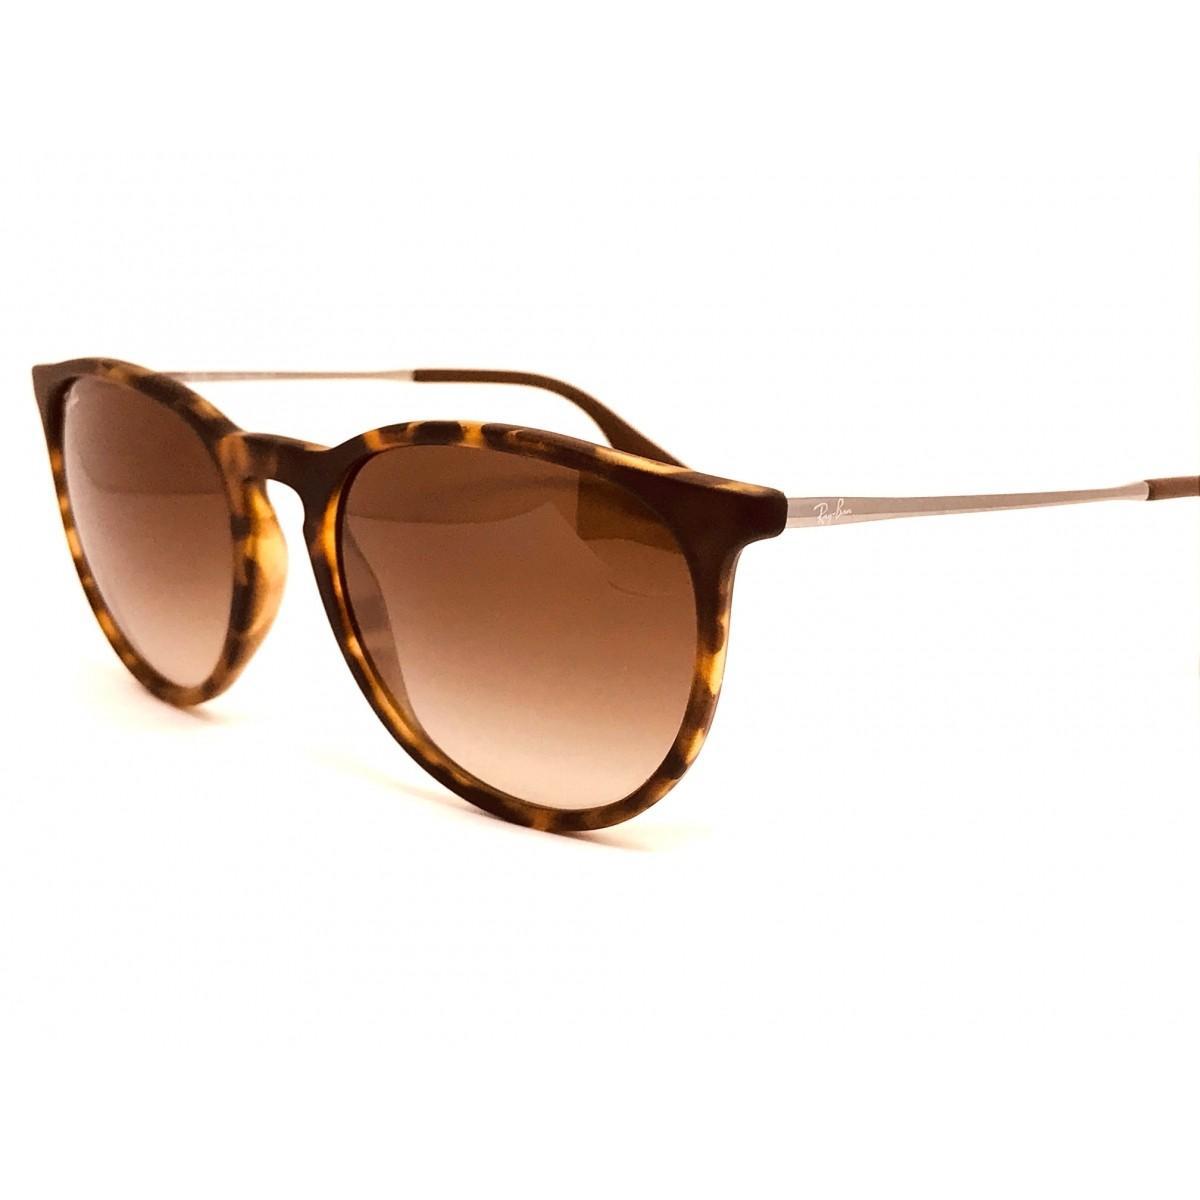 c1b633365 oculos de sol Ray Ban Erika RB 4171L 865/13 54 R$ 367,20 à vista. Adicionar  à sacola